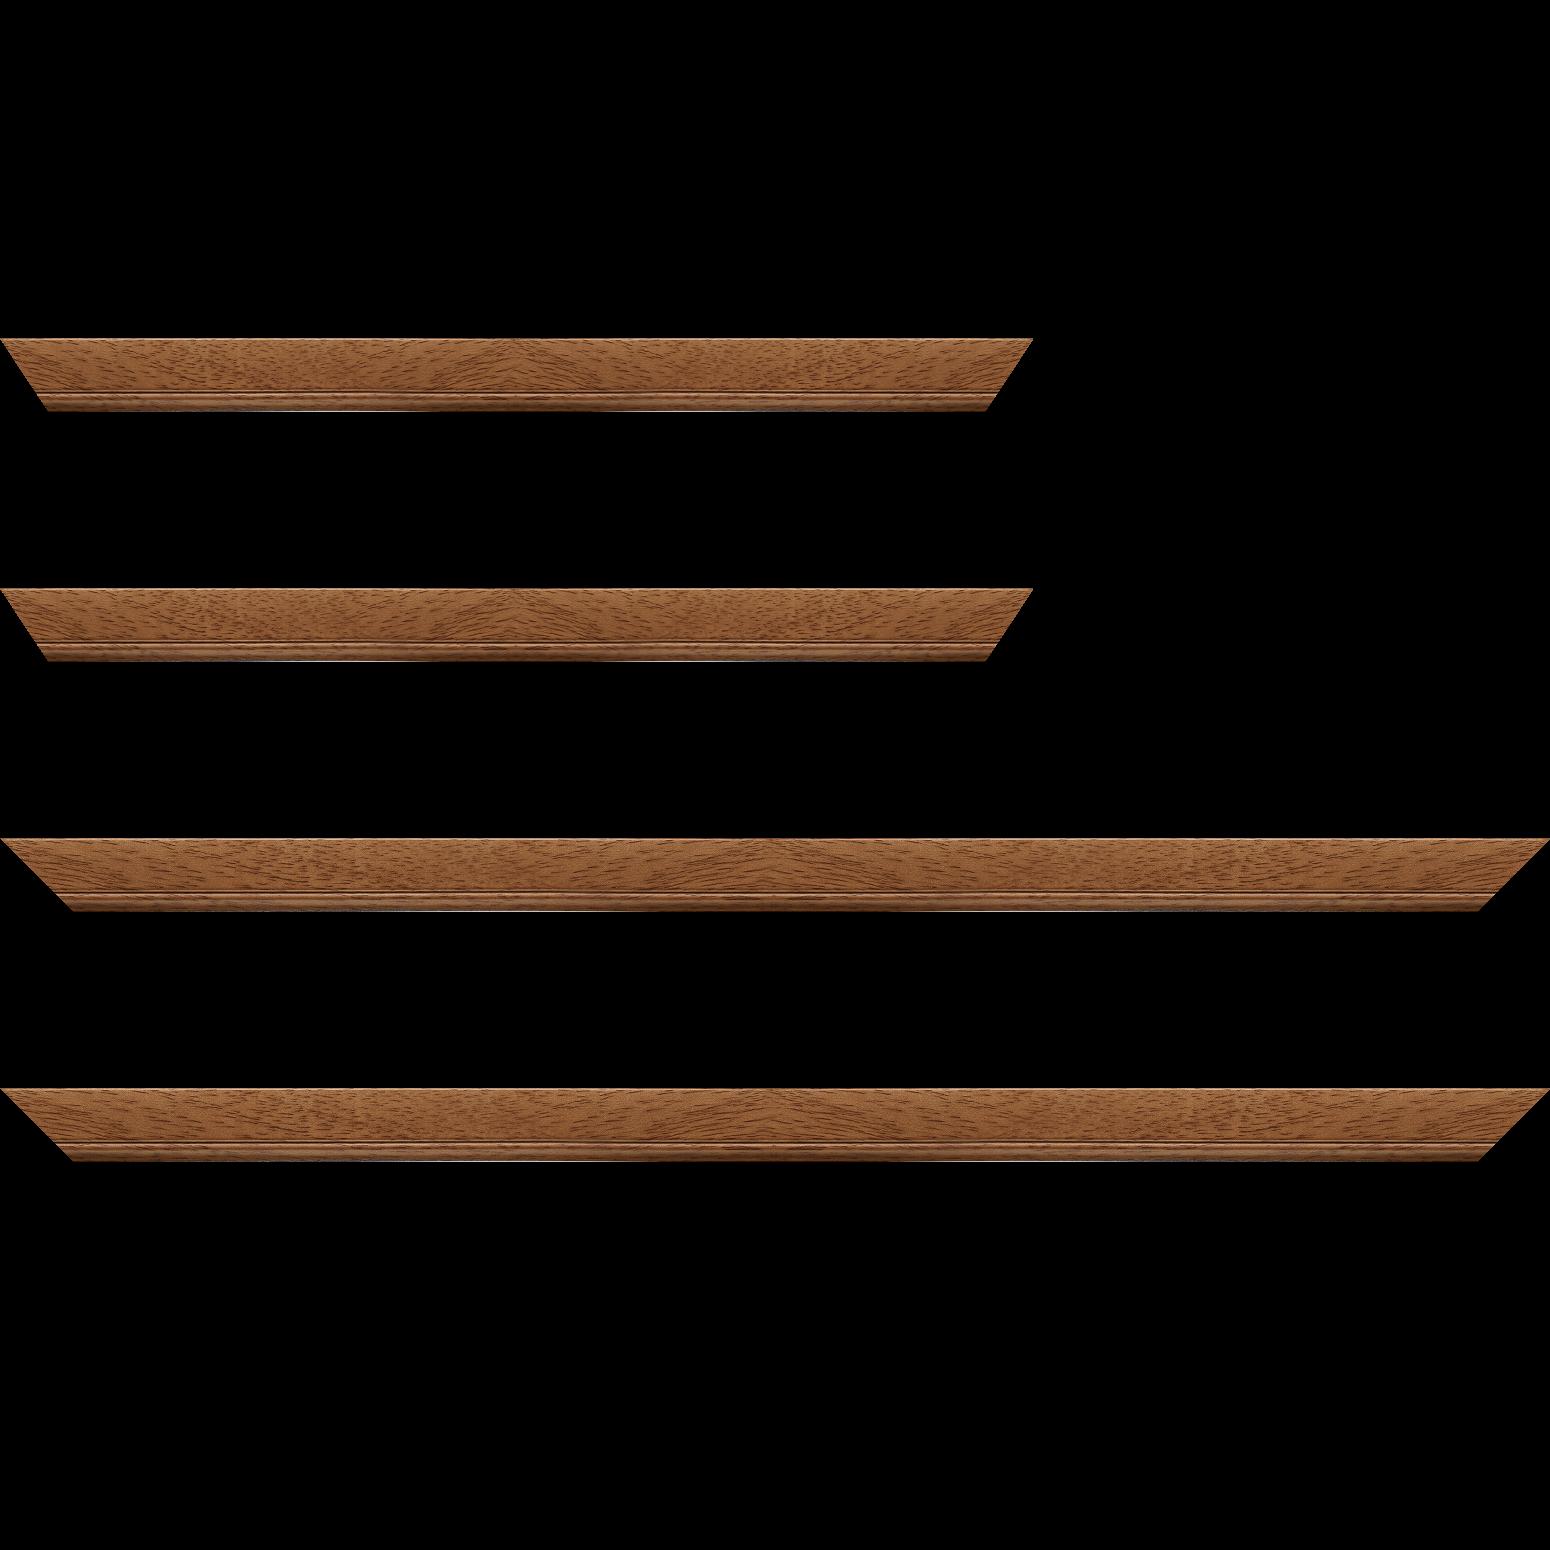 Baguette bois profil plat largeur 2.5cm couleur marron ton bois